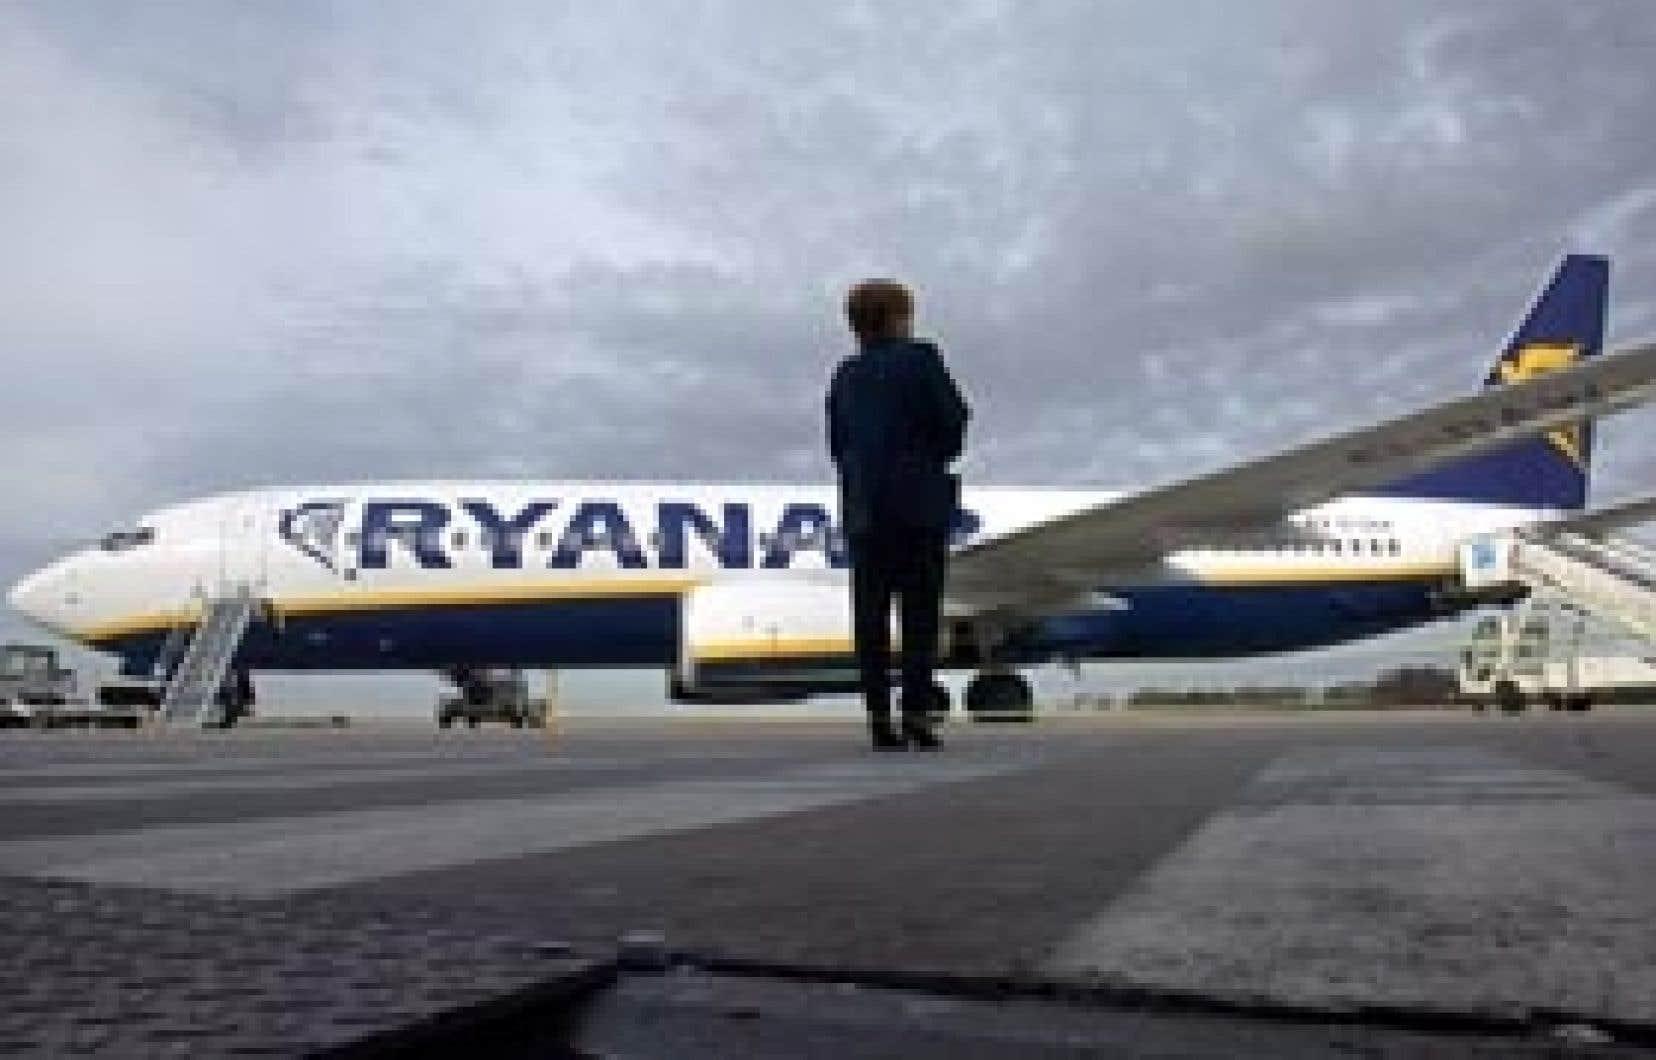 En plus de tous les soucis relatifs aux voyages en avion, les clients de la compagnie aérienne Ryanair devront peut-être s'inquiéter de leur poids avant l'embarquement.